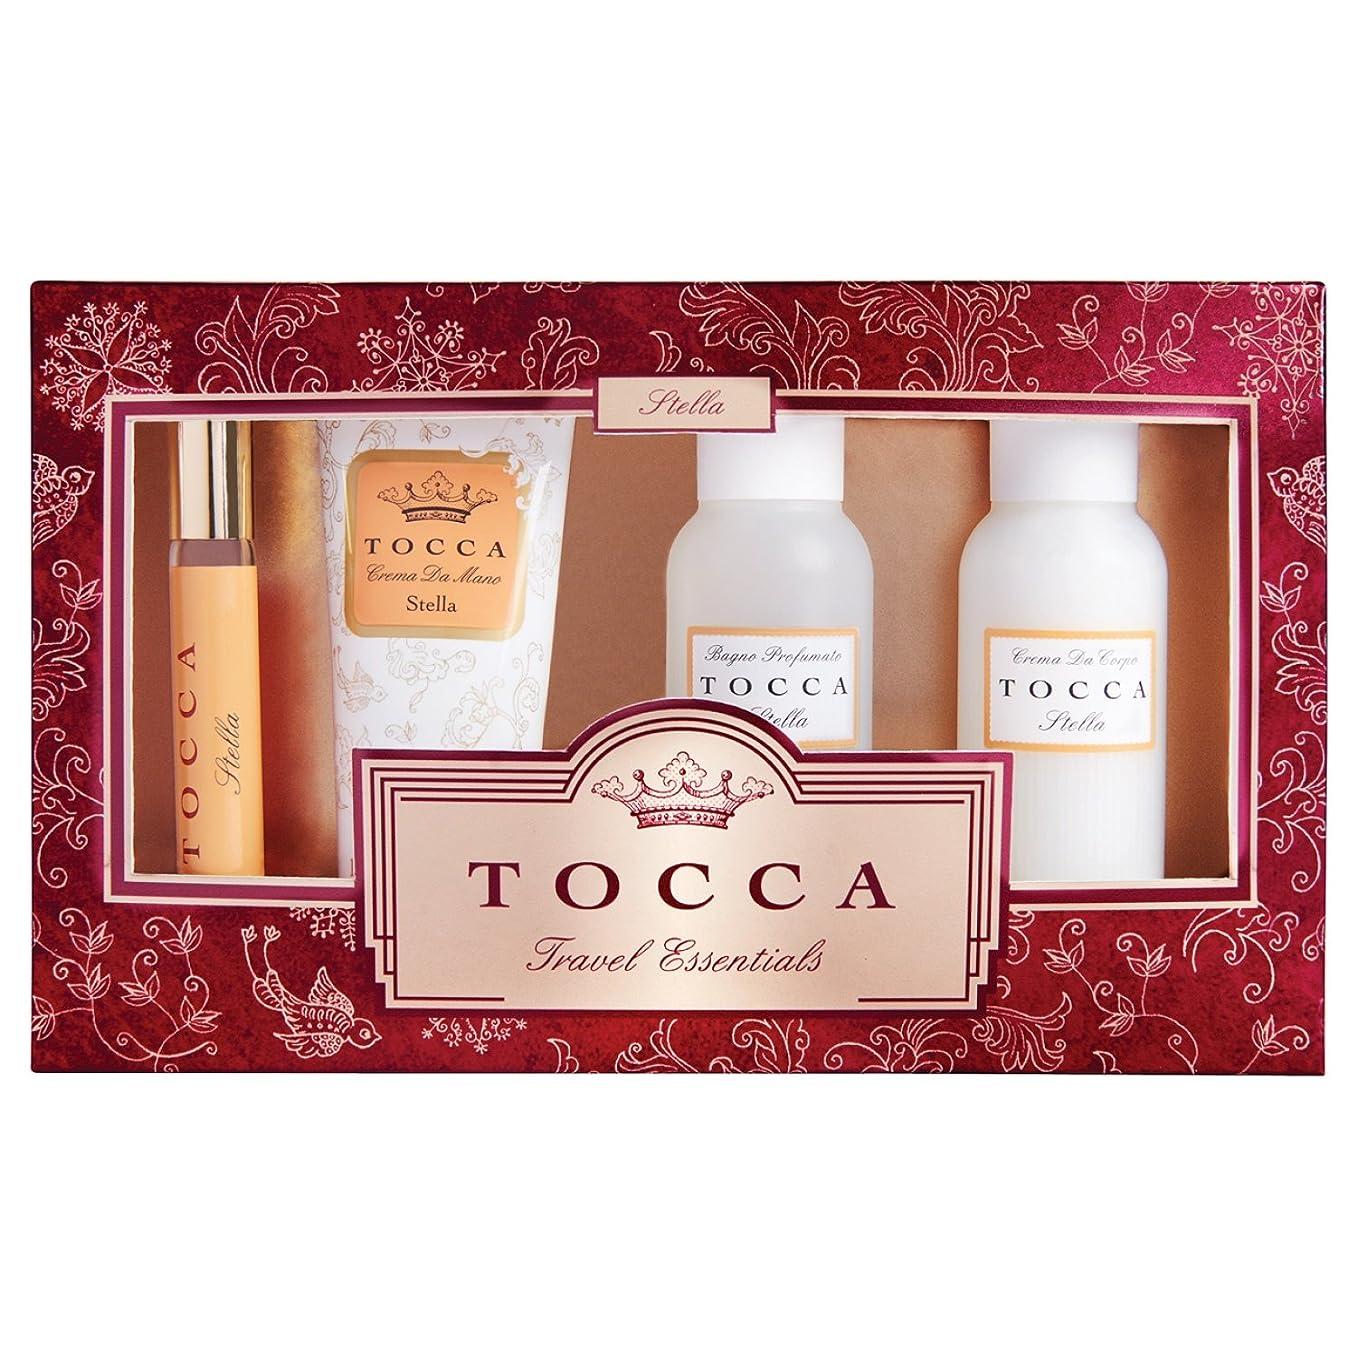 すずめ攻撃的試みトッカ(TOCCA) トラベルエッセンシャルズセットギルディッド ステラの香り (限定コフレ?ギフト)